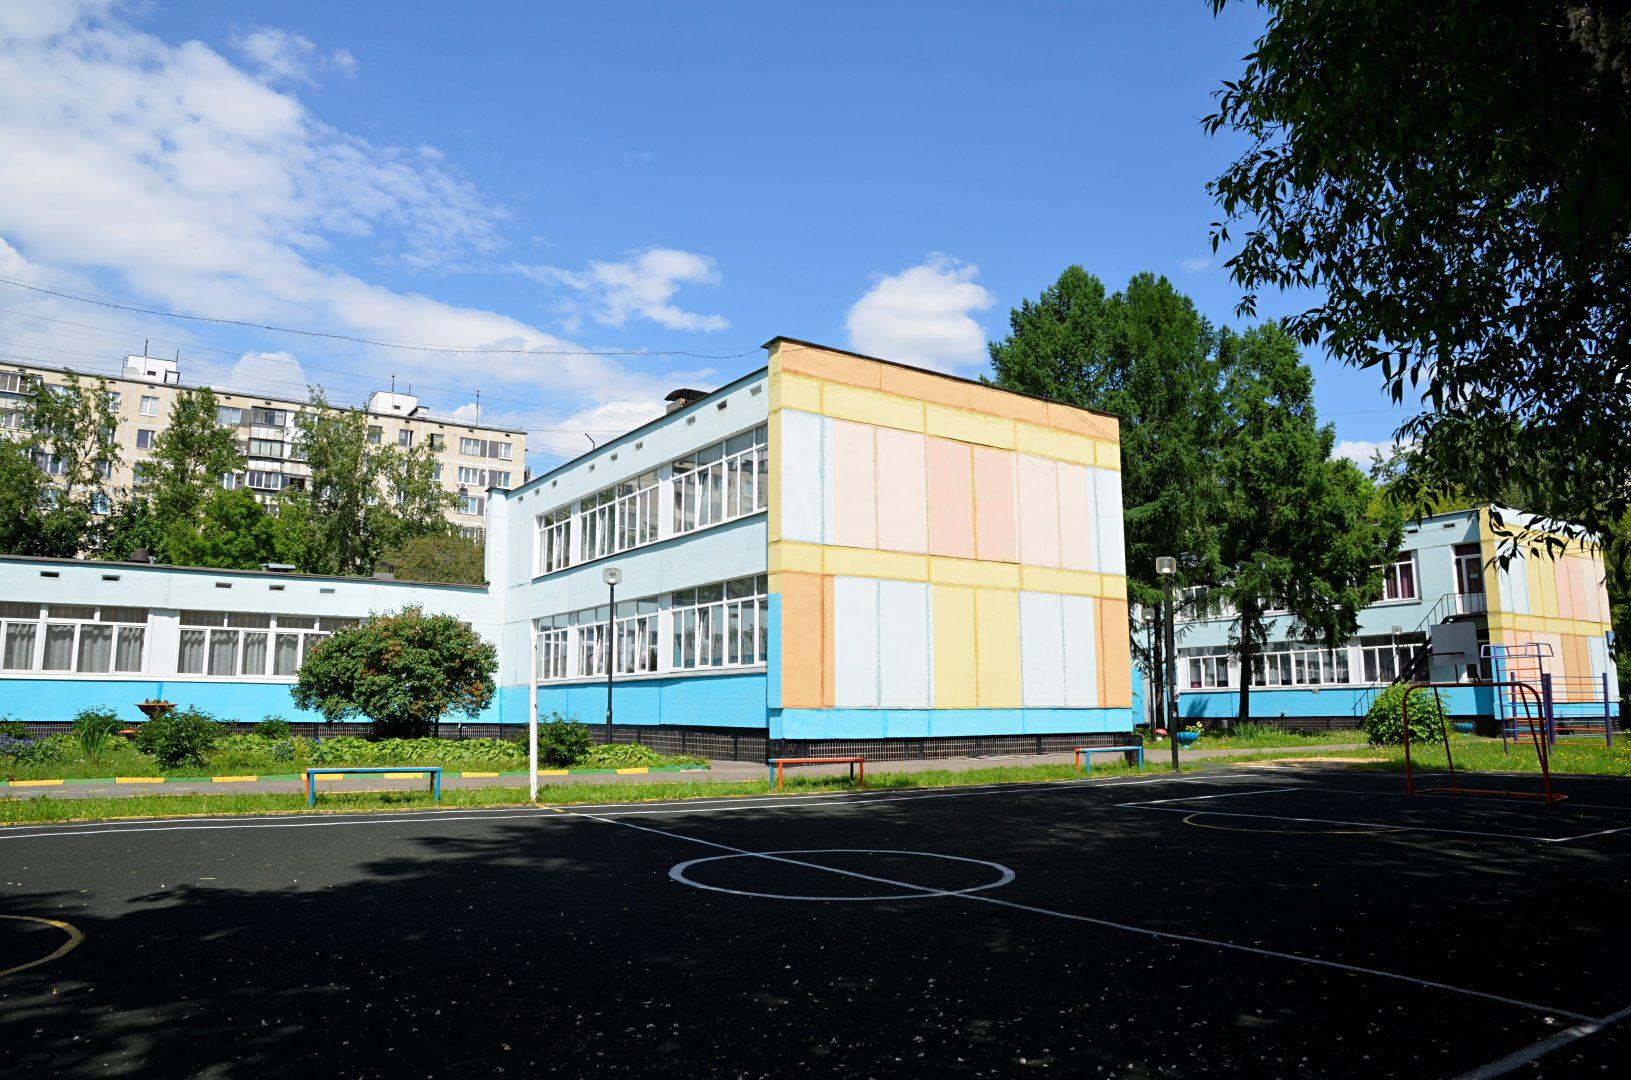 Около 40 образовательных объектов Новой Москве возведут девелоперы. Фото: Анна Быкова, «Вечерняя Москва»